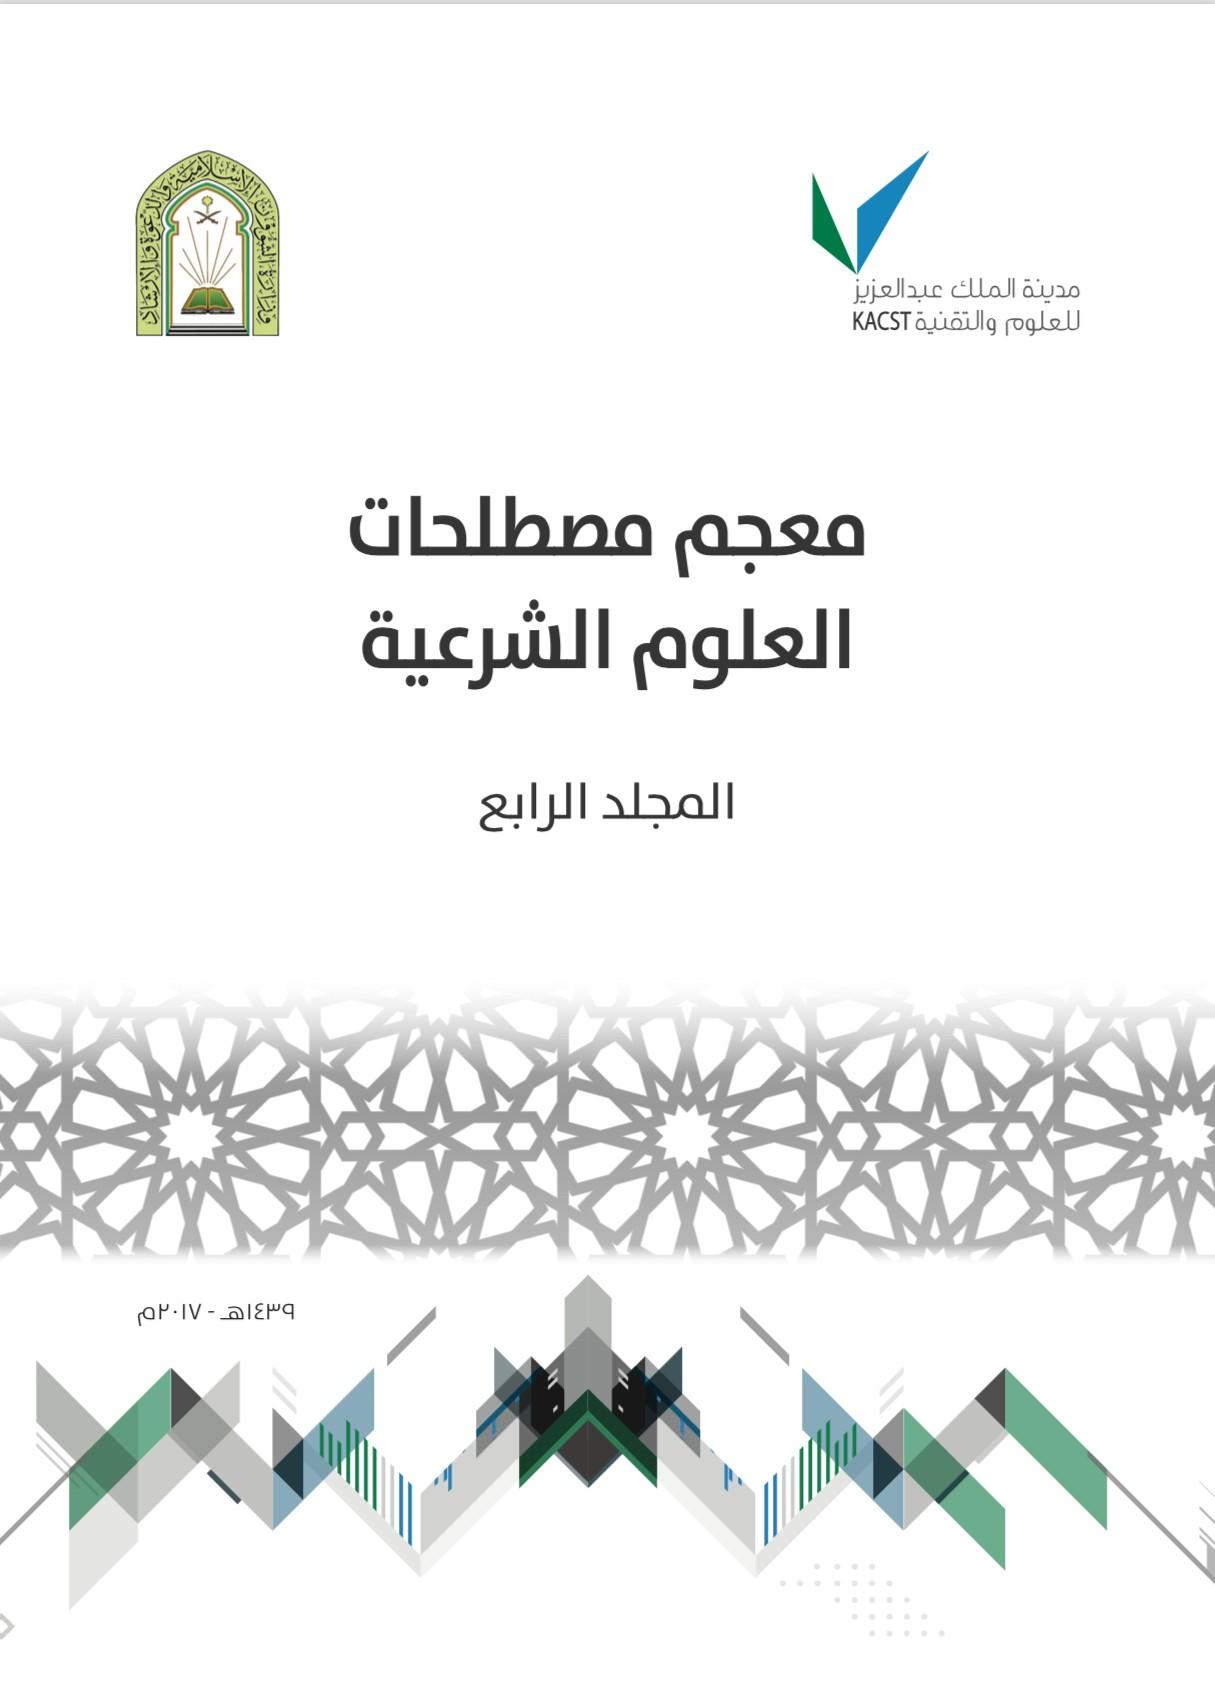 معجم مصطلحات العلوم الشرعية - المجلد الرابع